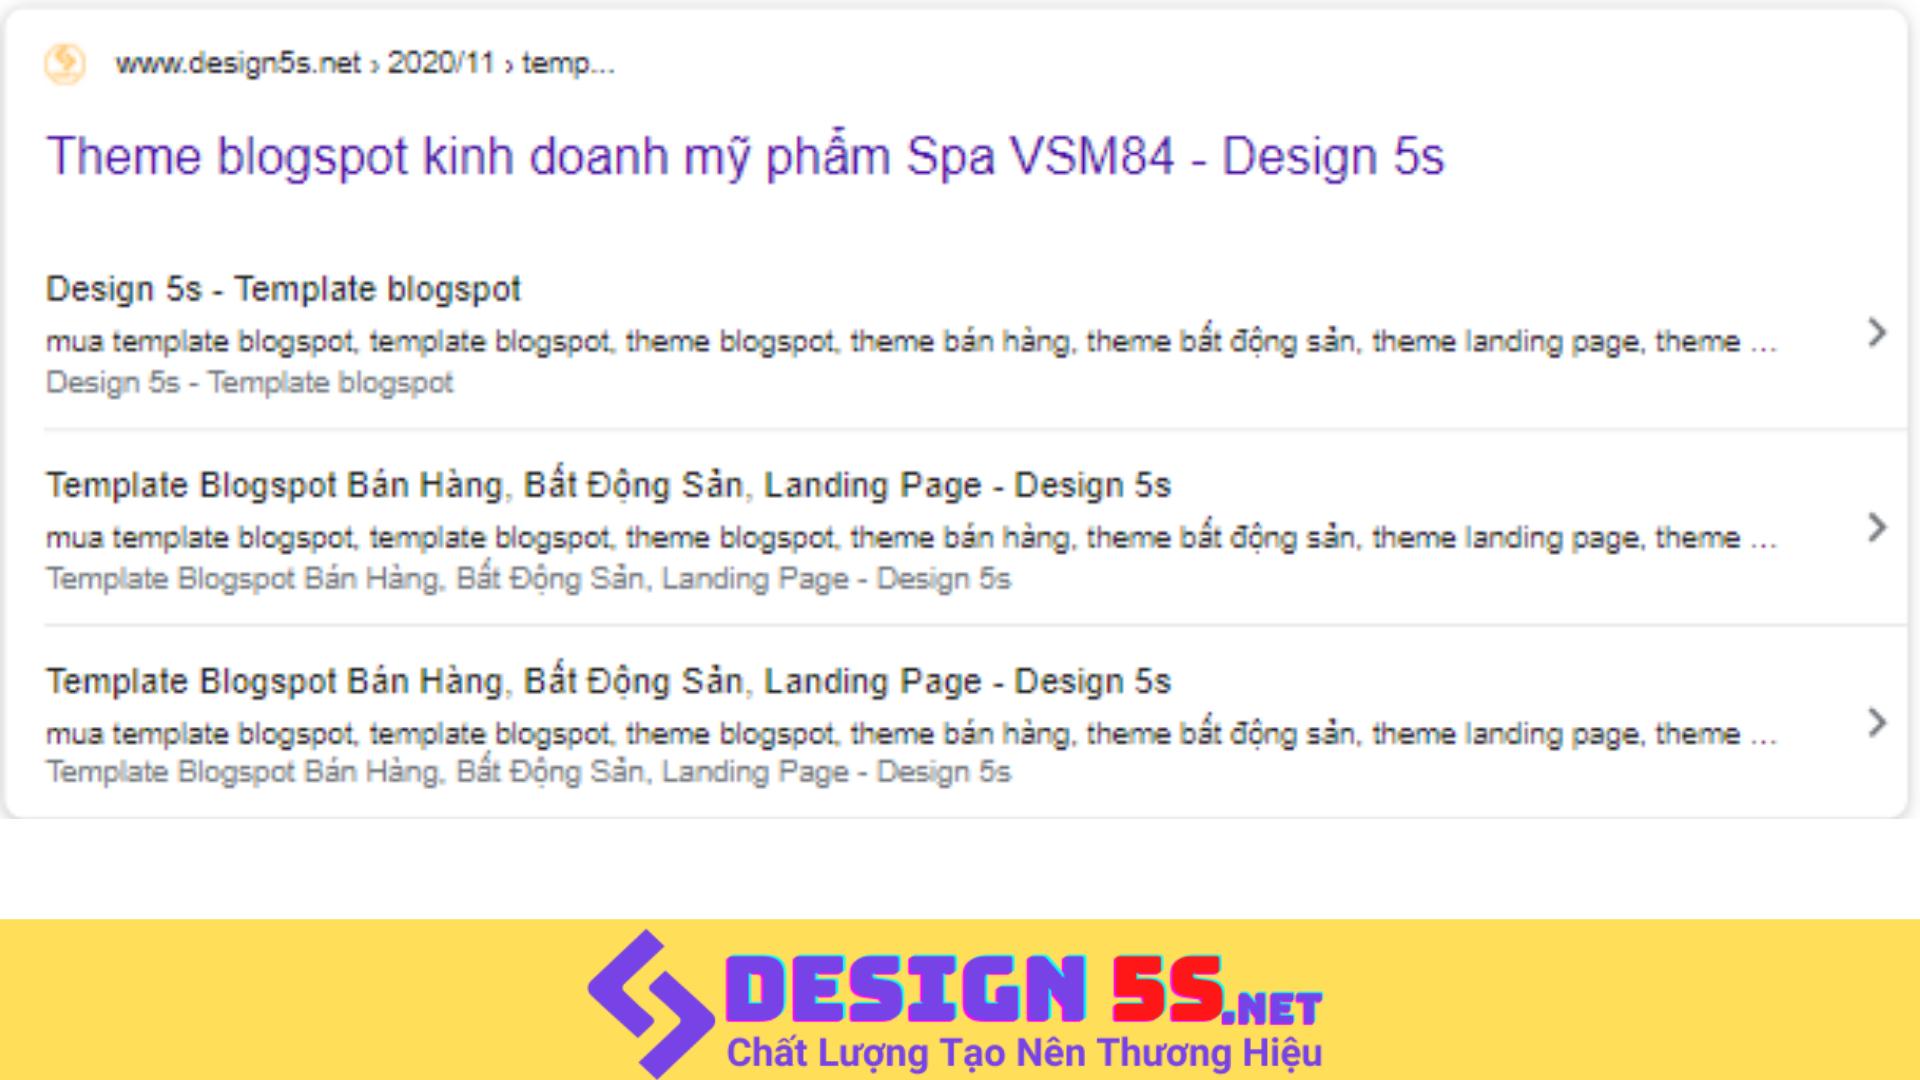 Thêm sitelink Course  tập liên kết cho blogspot - Ảnh 2